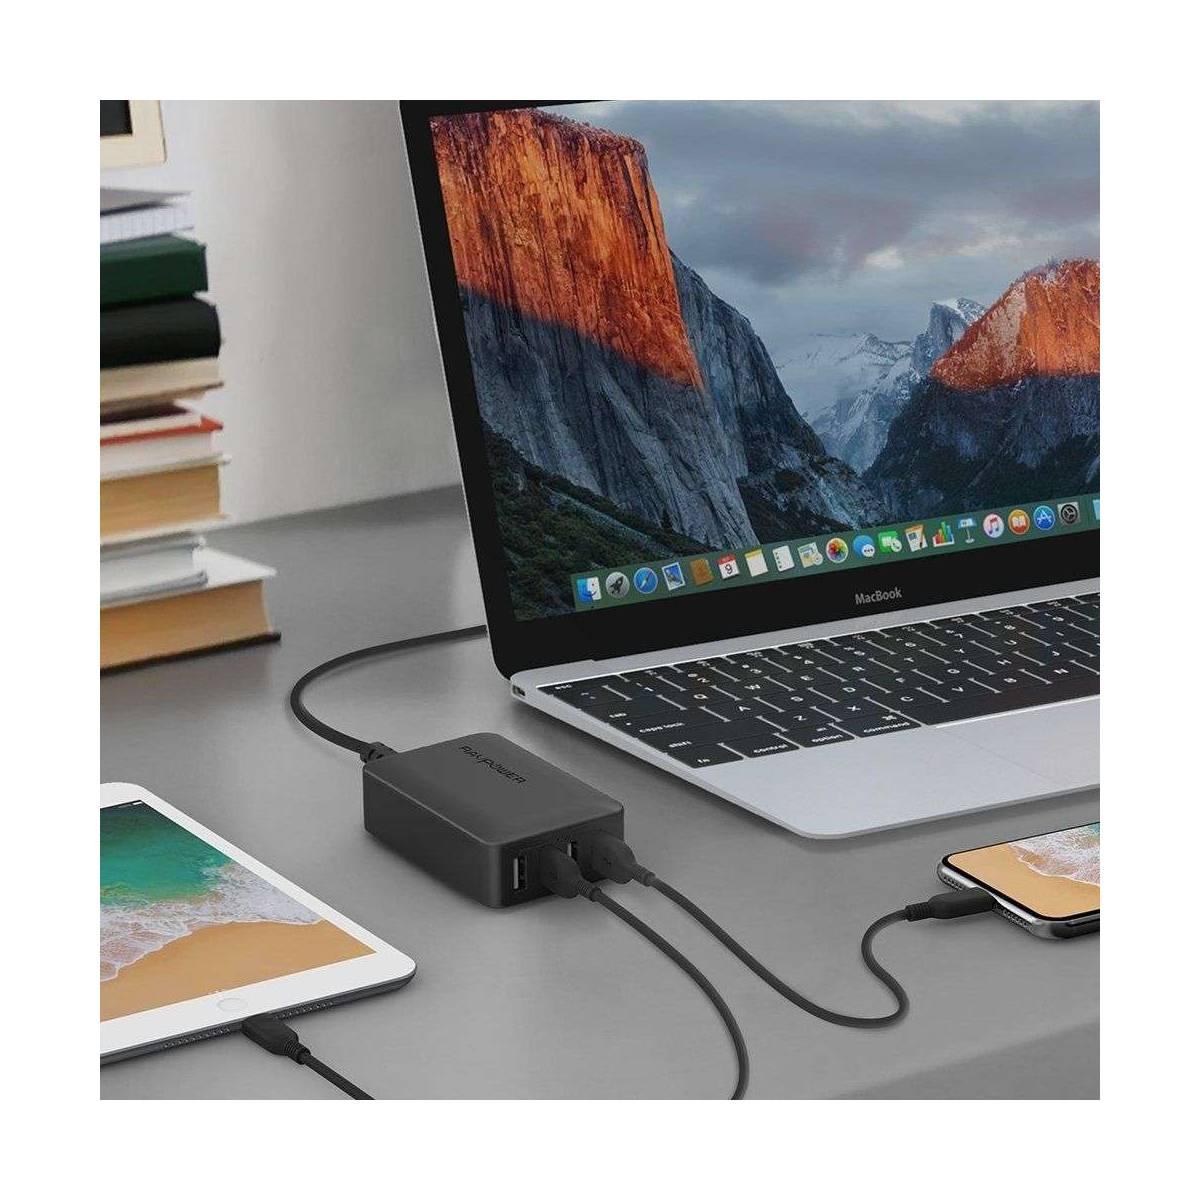 Amber strøm 4 port USB hub lader m. 40W i svart Mackabler